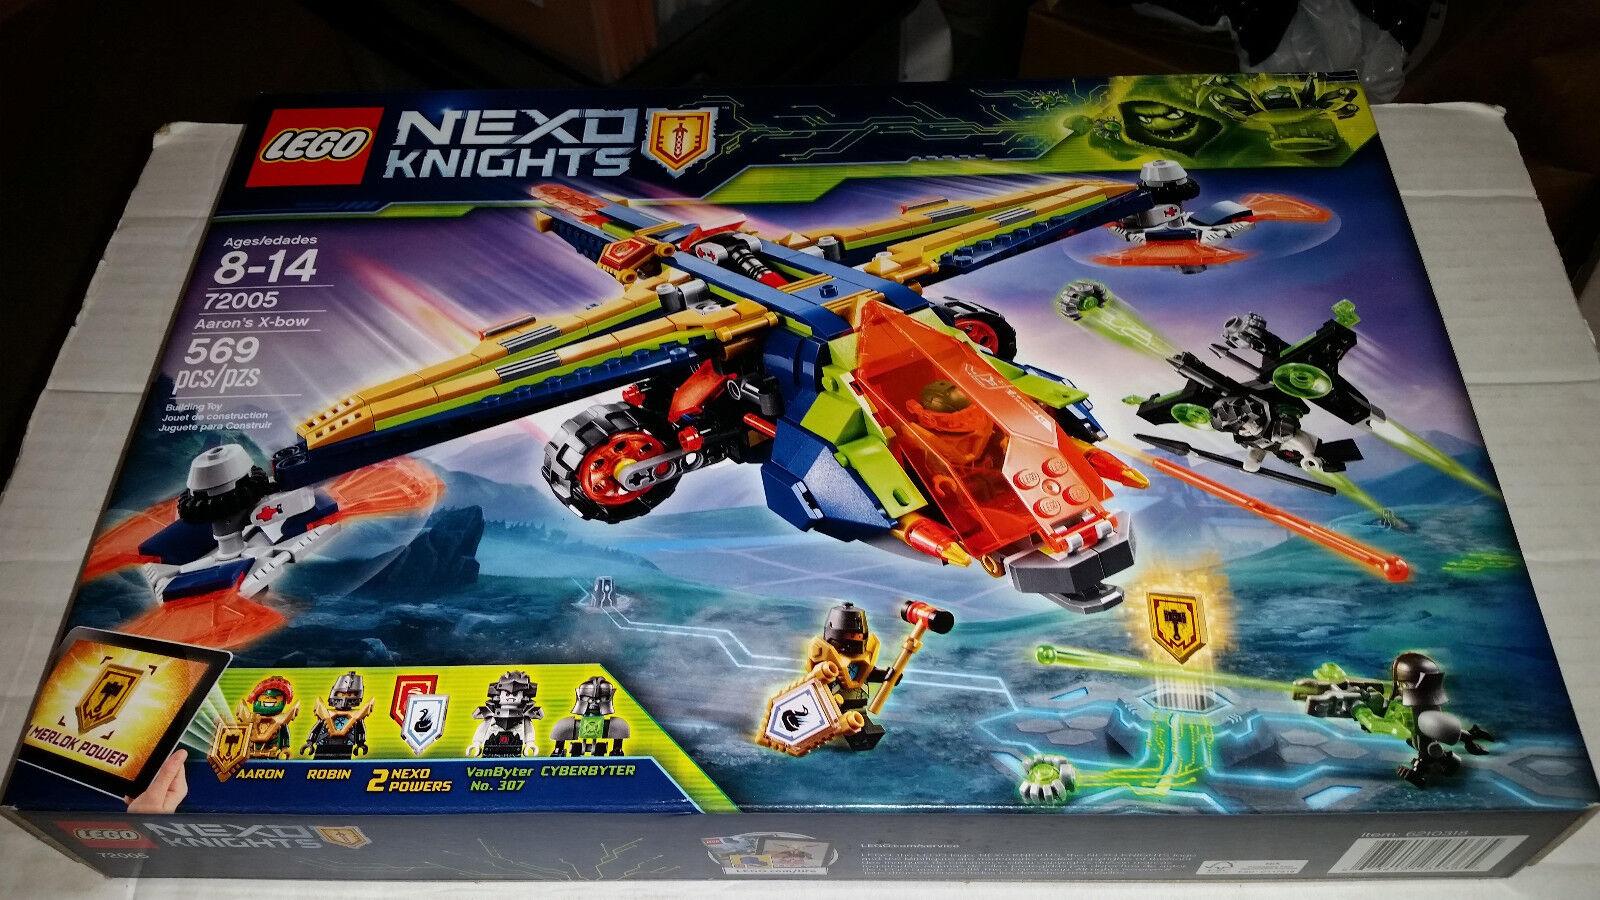 LEGO NEXO KNIGHTS Aaron's X-bow (72005) 569 pcs NEW SEALED